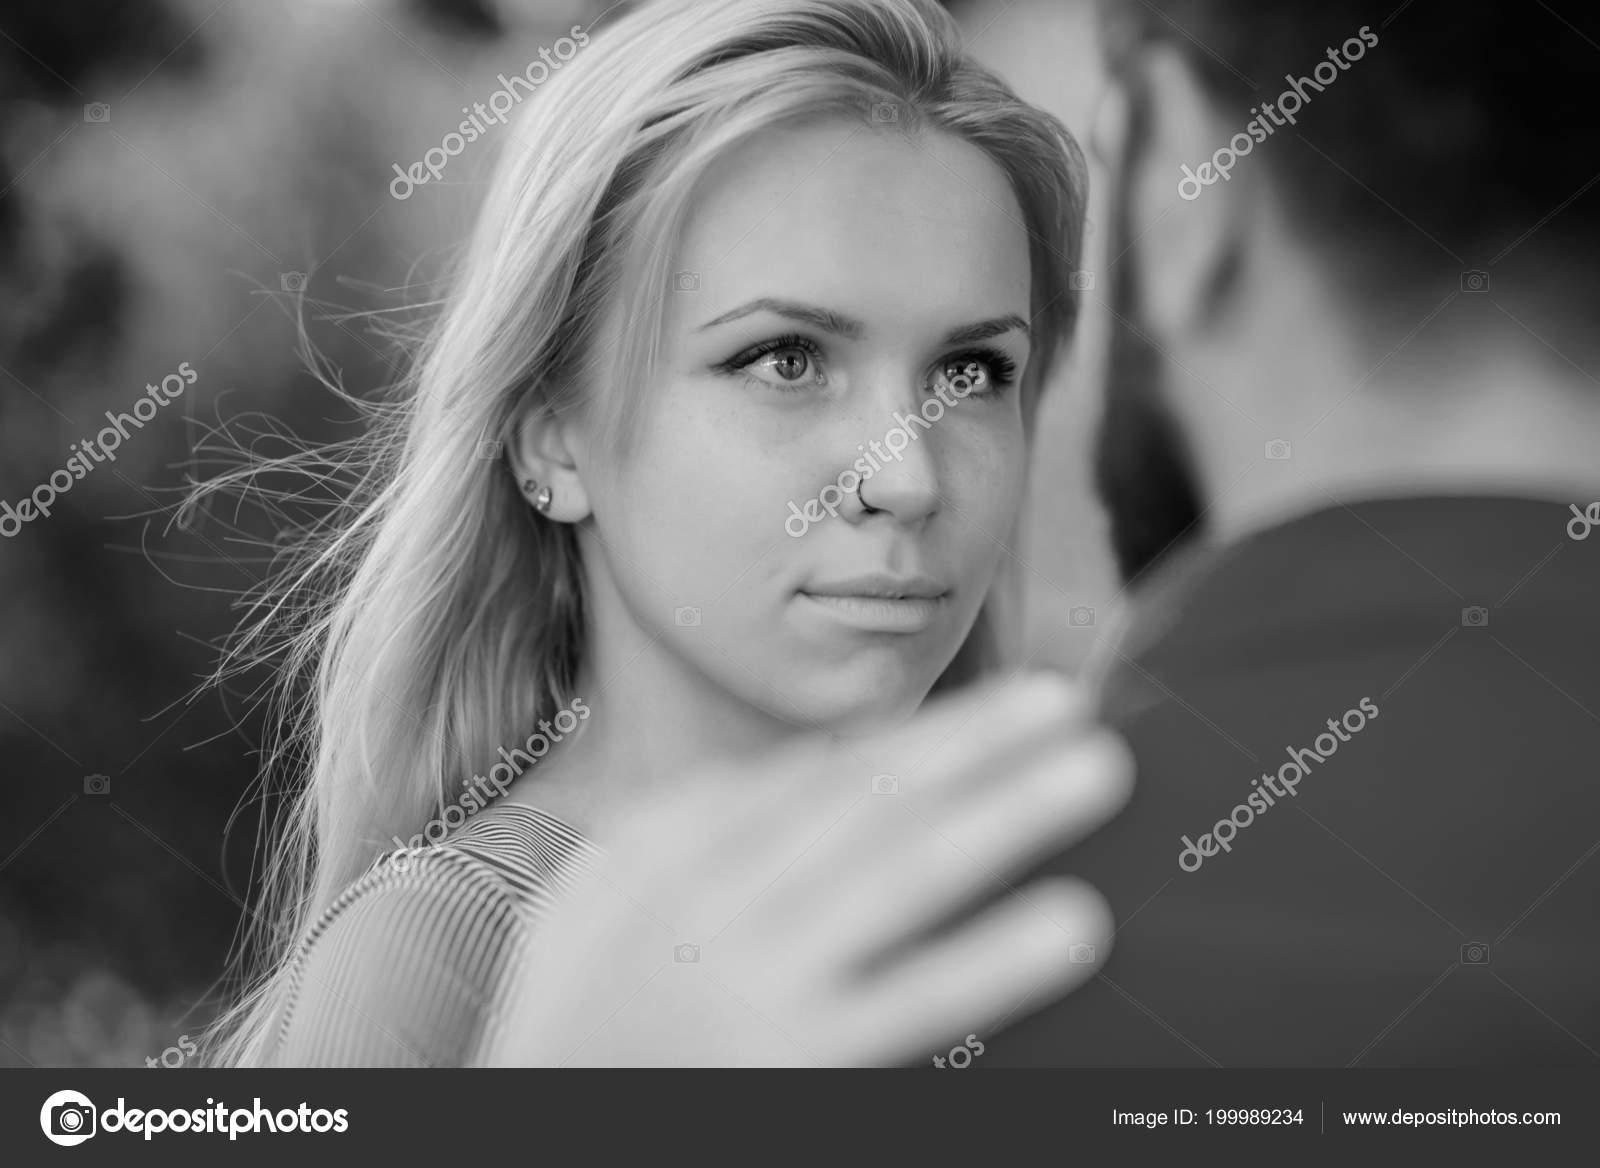 Eye dating